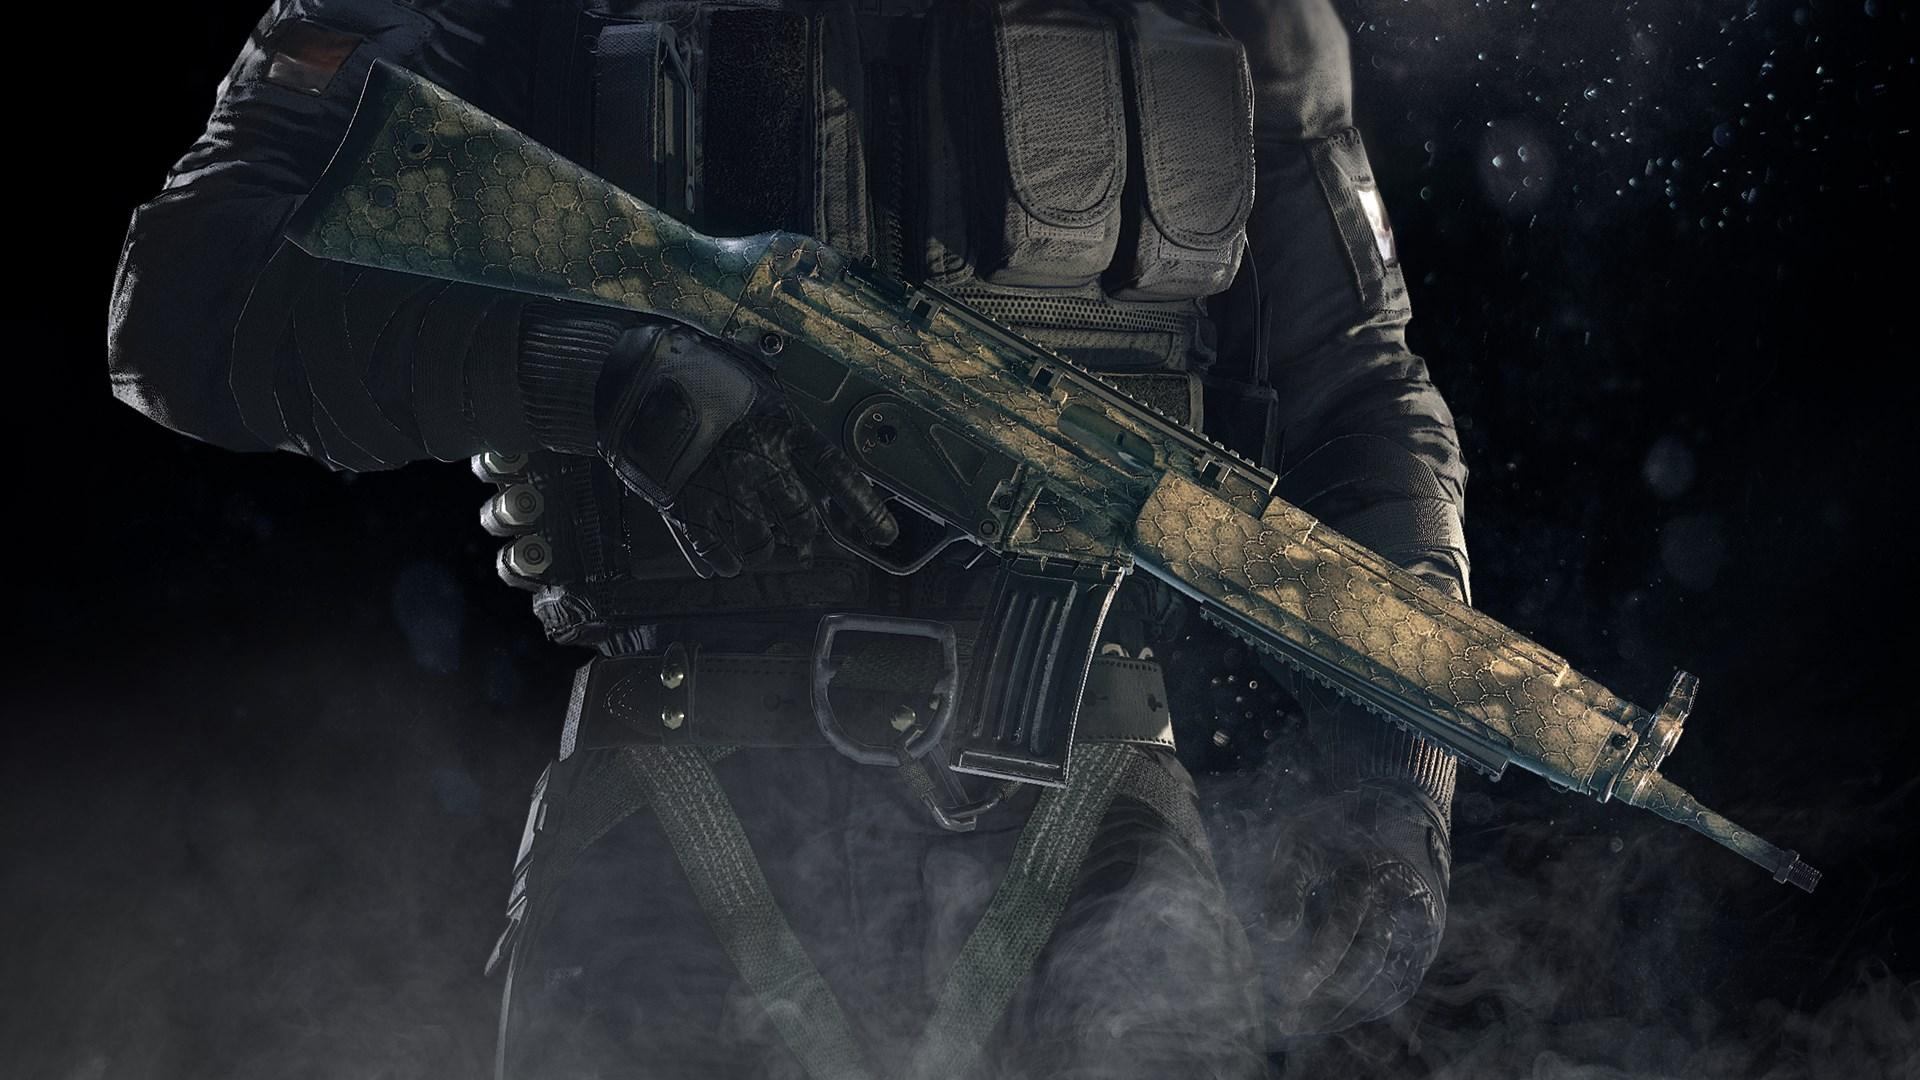 Snake Weapon Skin